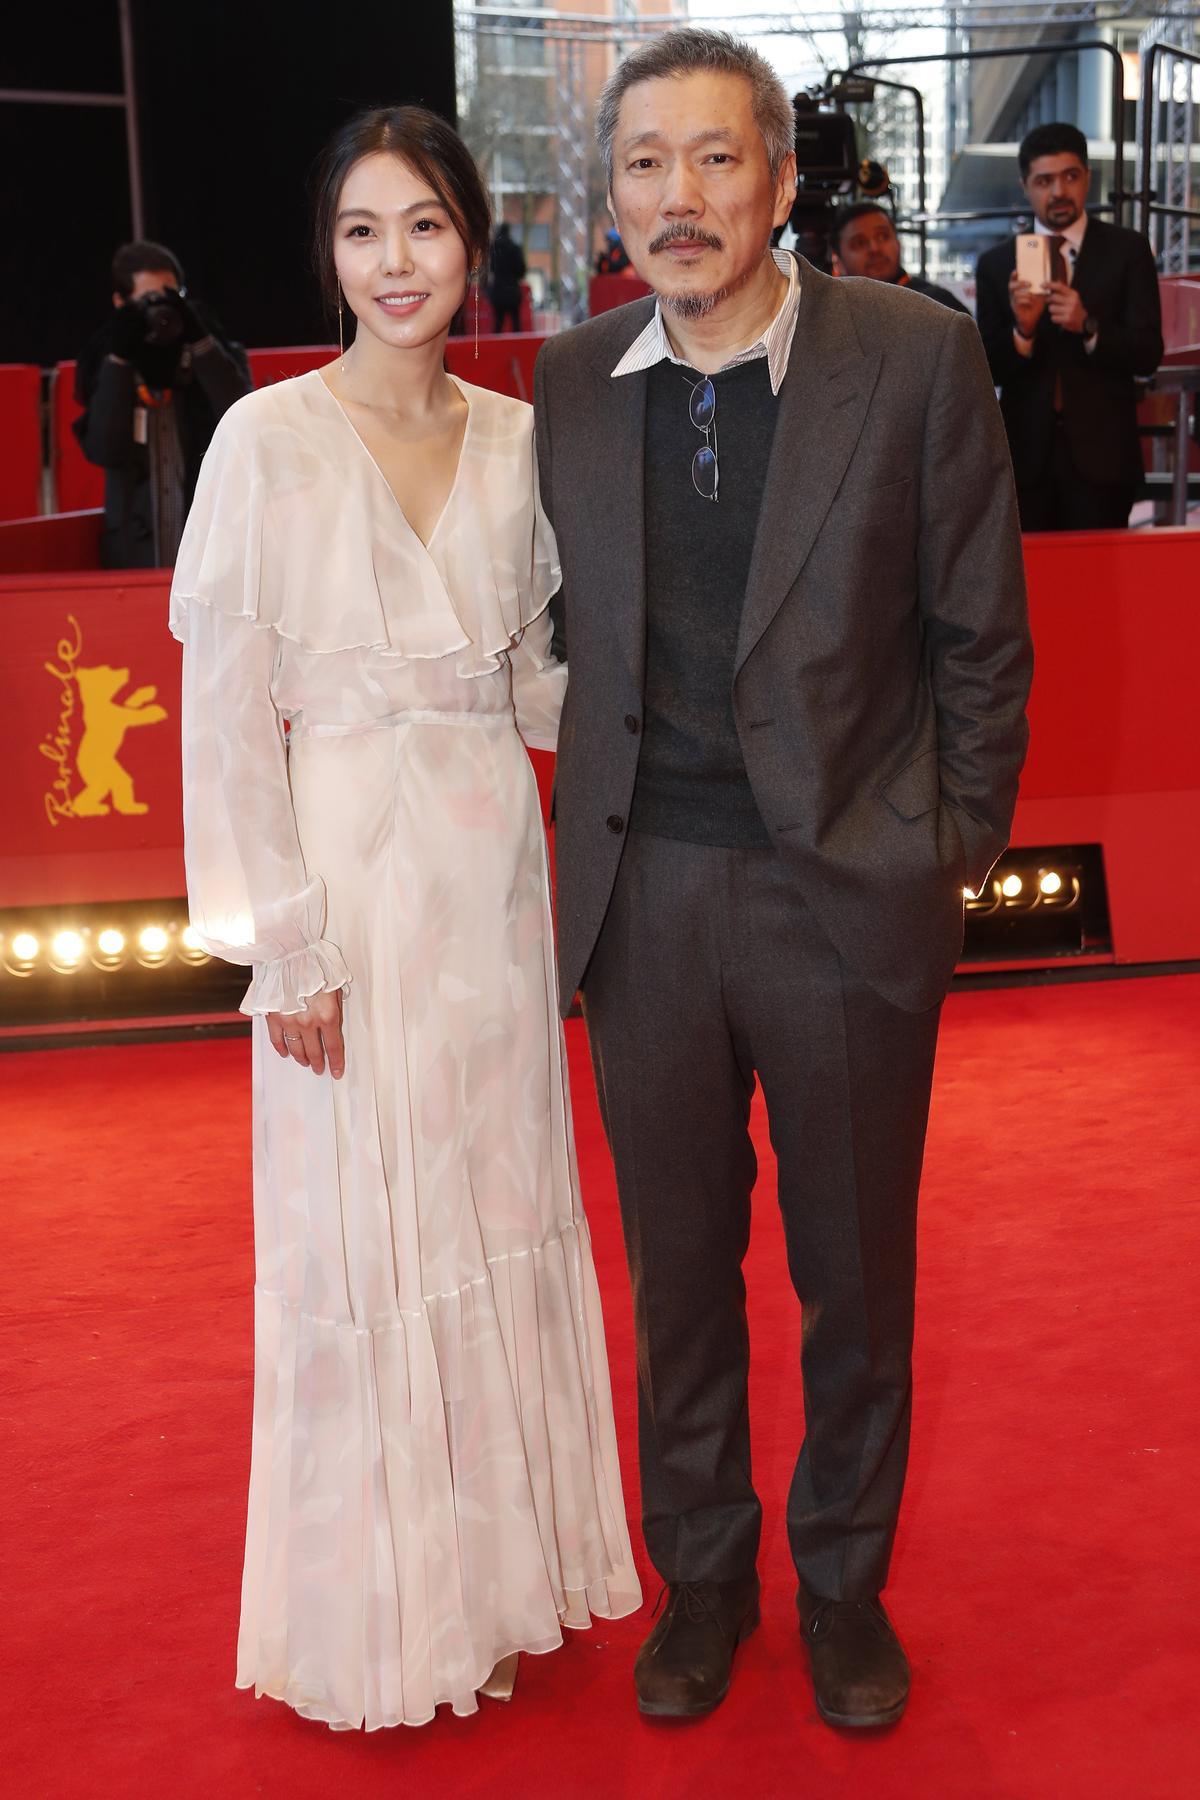 金敏喜與導演洪尚秀上演不倫戀,正是她在電影中所演出的情節。(網路照片)